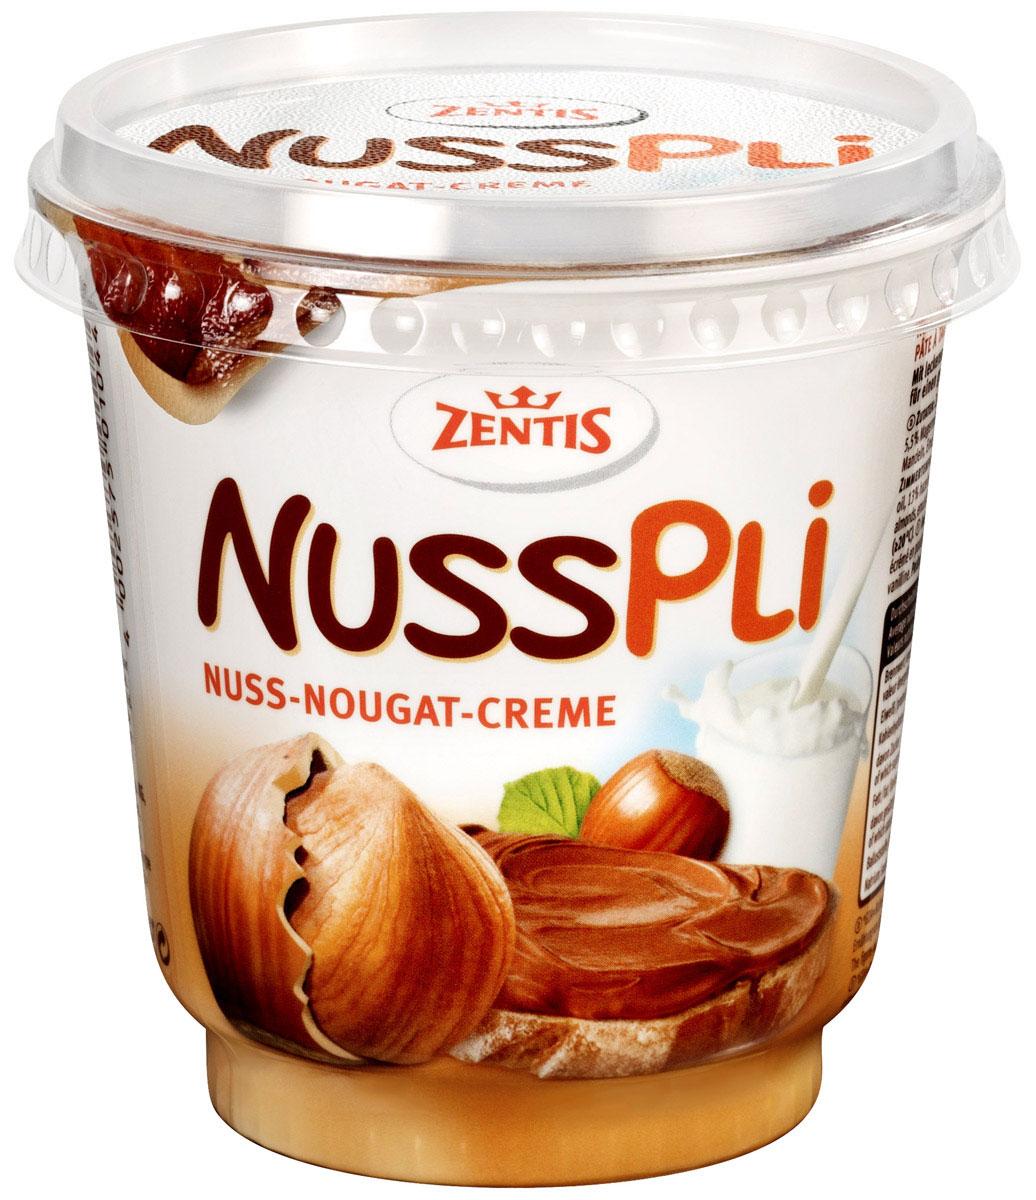 Zentis Nusspli ореховая паста с добавлением какао, 400 г0120710Zentis Nusspli - вкуснейшая шоколадная паста с лесным орехом и добавлением какао. Намажьте ее на свежий хлеб или при приготовлении сдобы и выпечки. Паста придаст любому блюду яркий ореховый вкус.